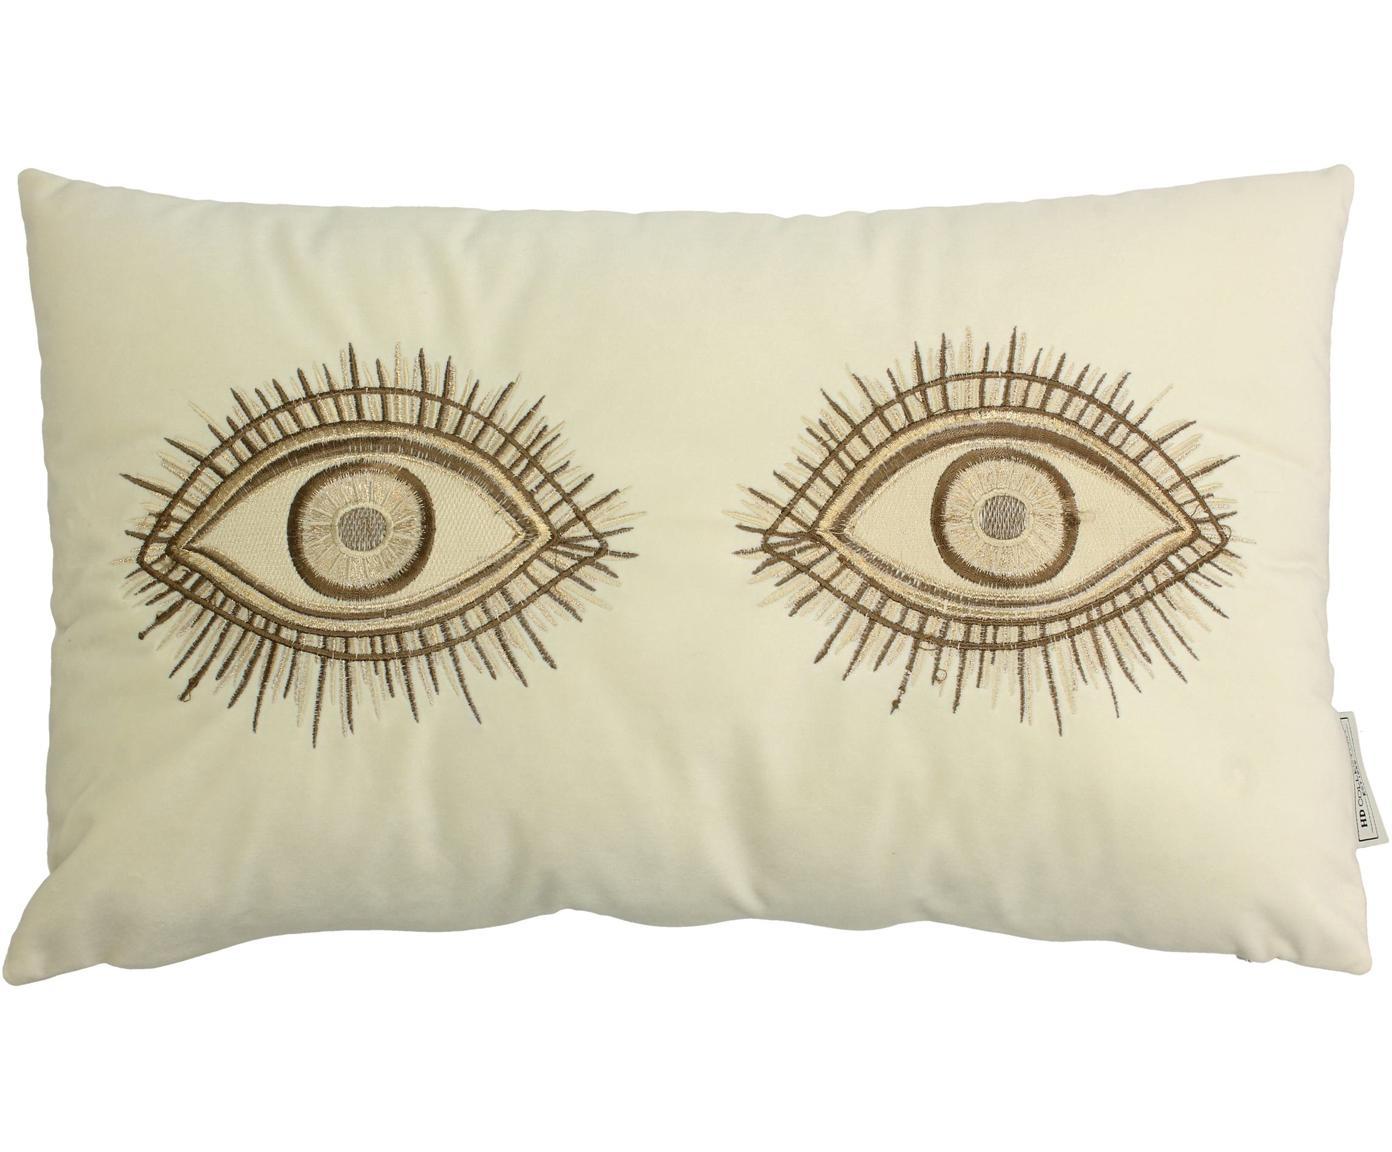 Fluwelen kussen Eyes met borduurwerk, met vulling, Fluweel, Ivoorkleurig, bruin, 30 x 50 cm